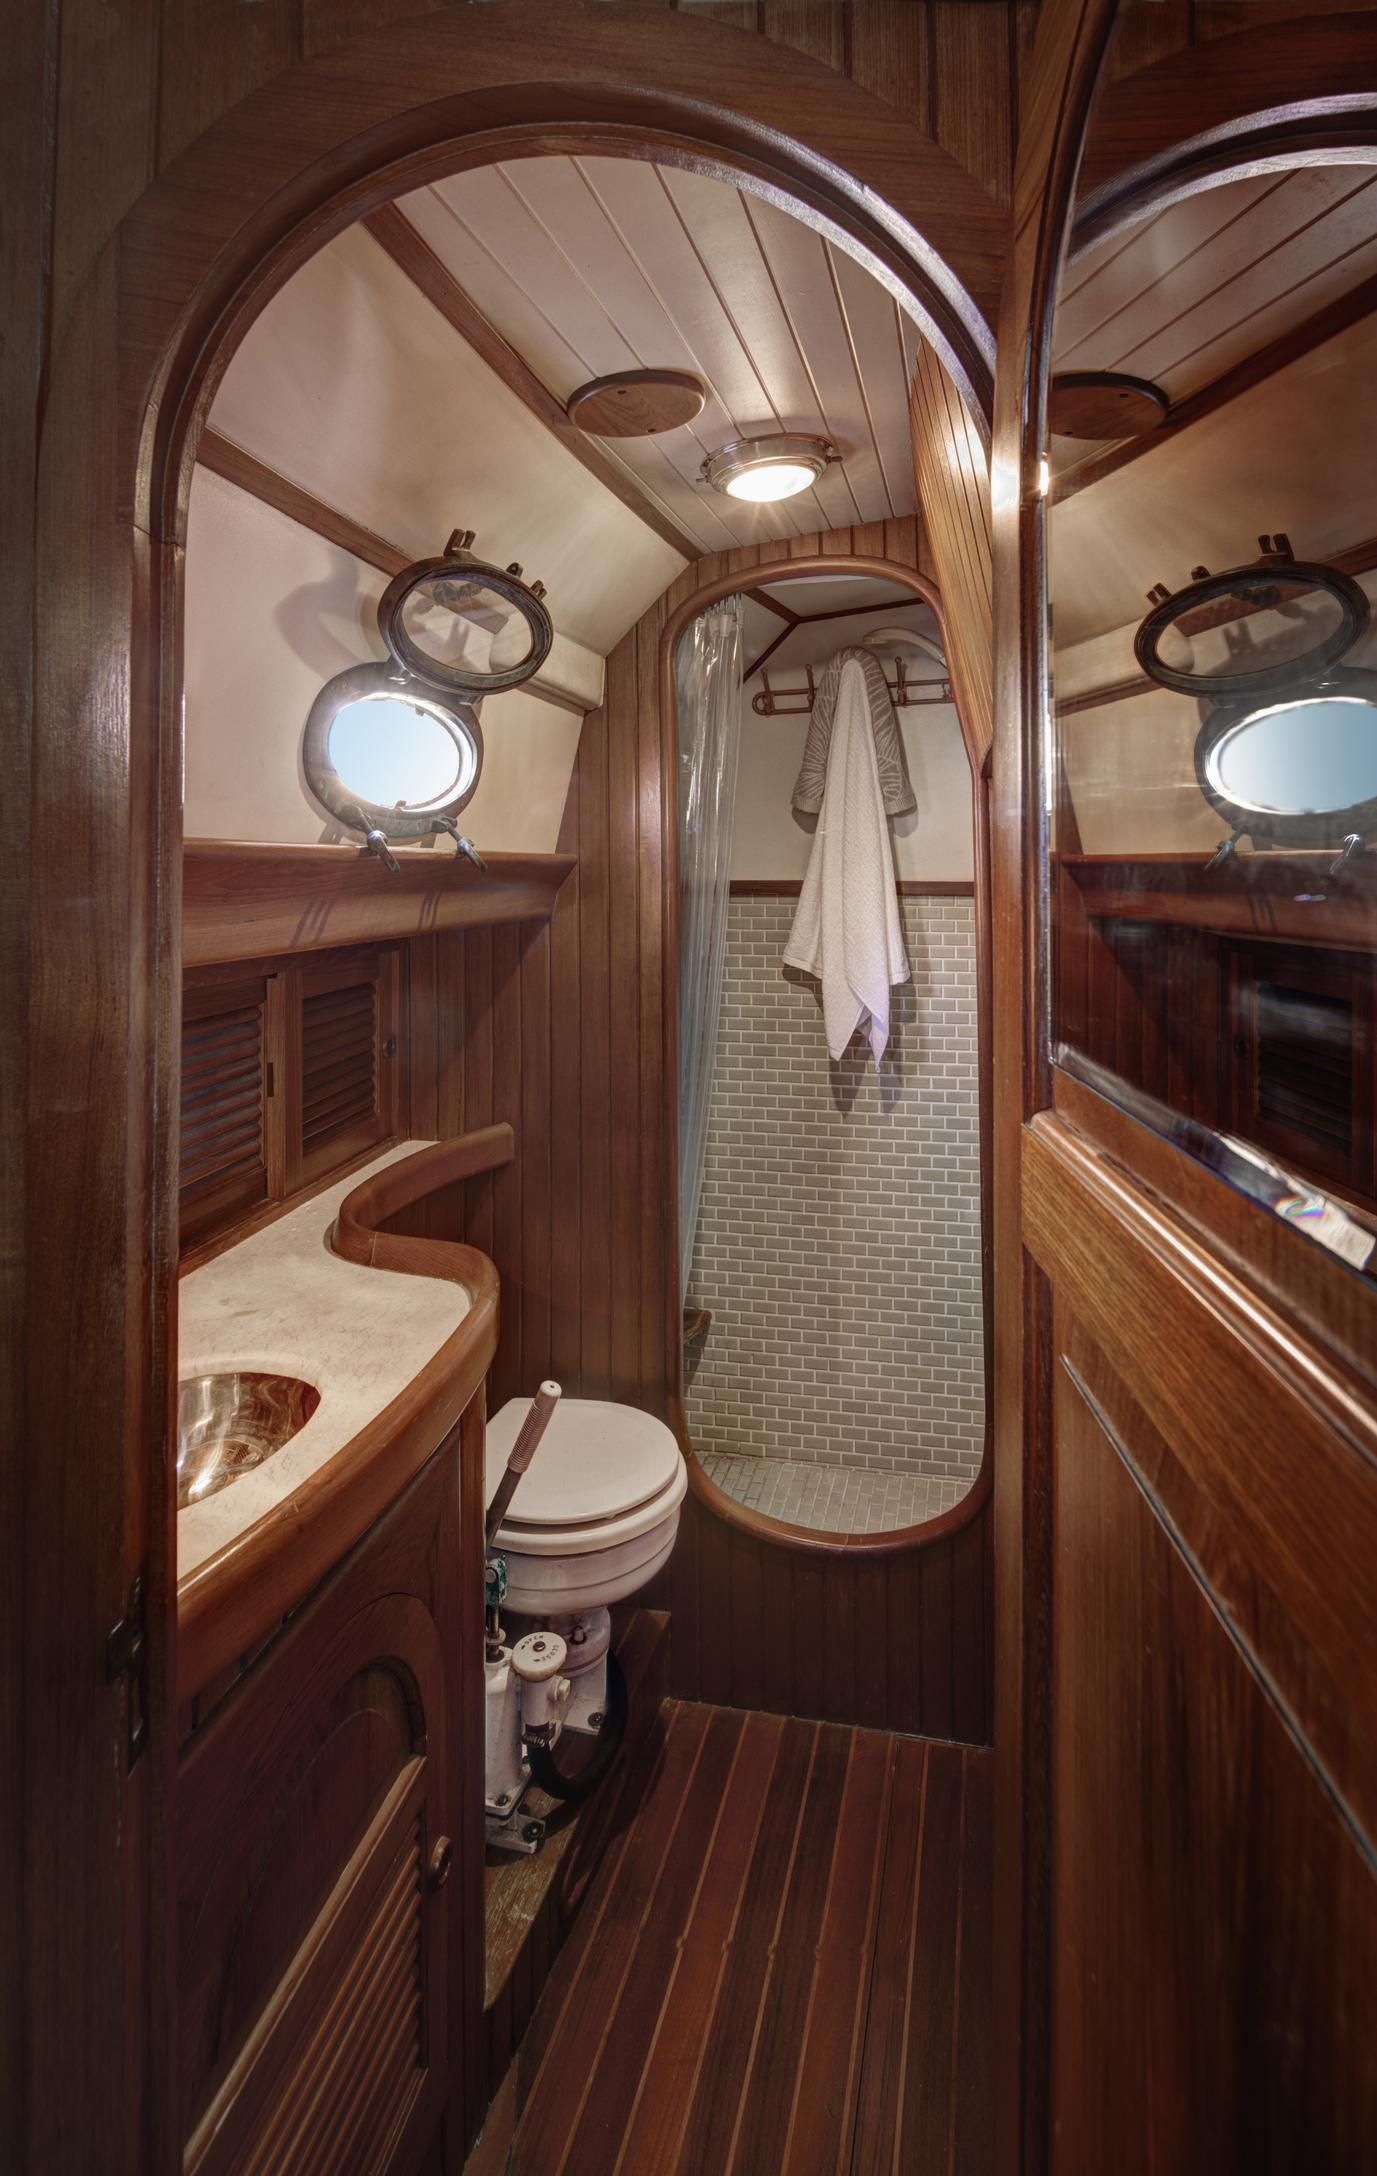 Bathroom in boat cabin